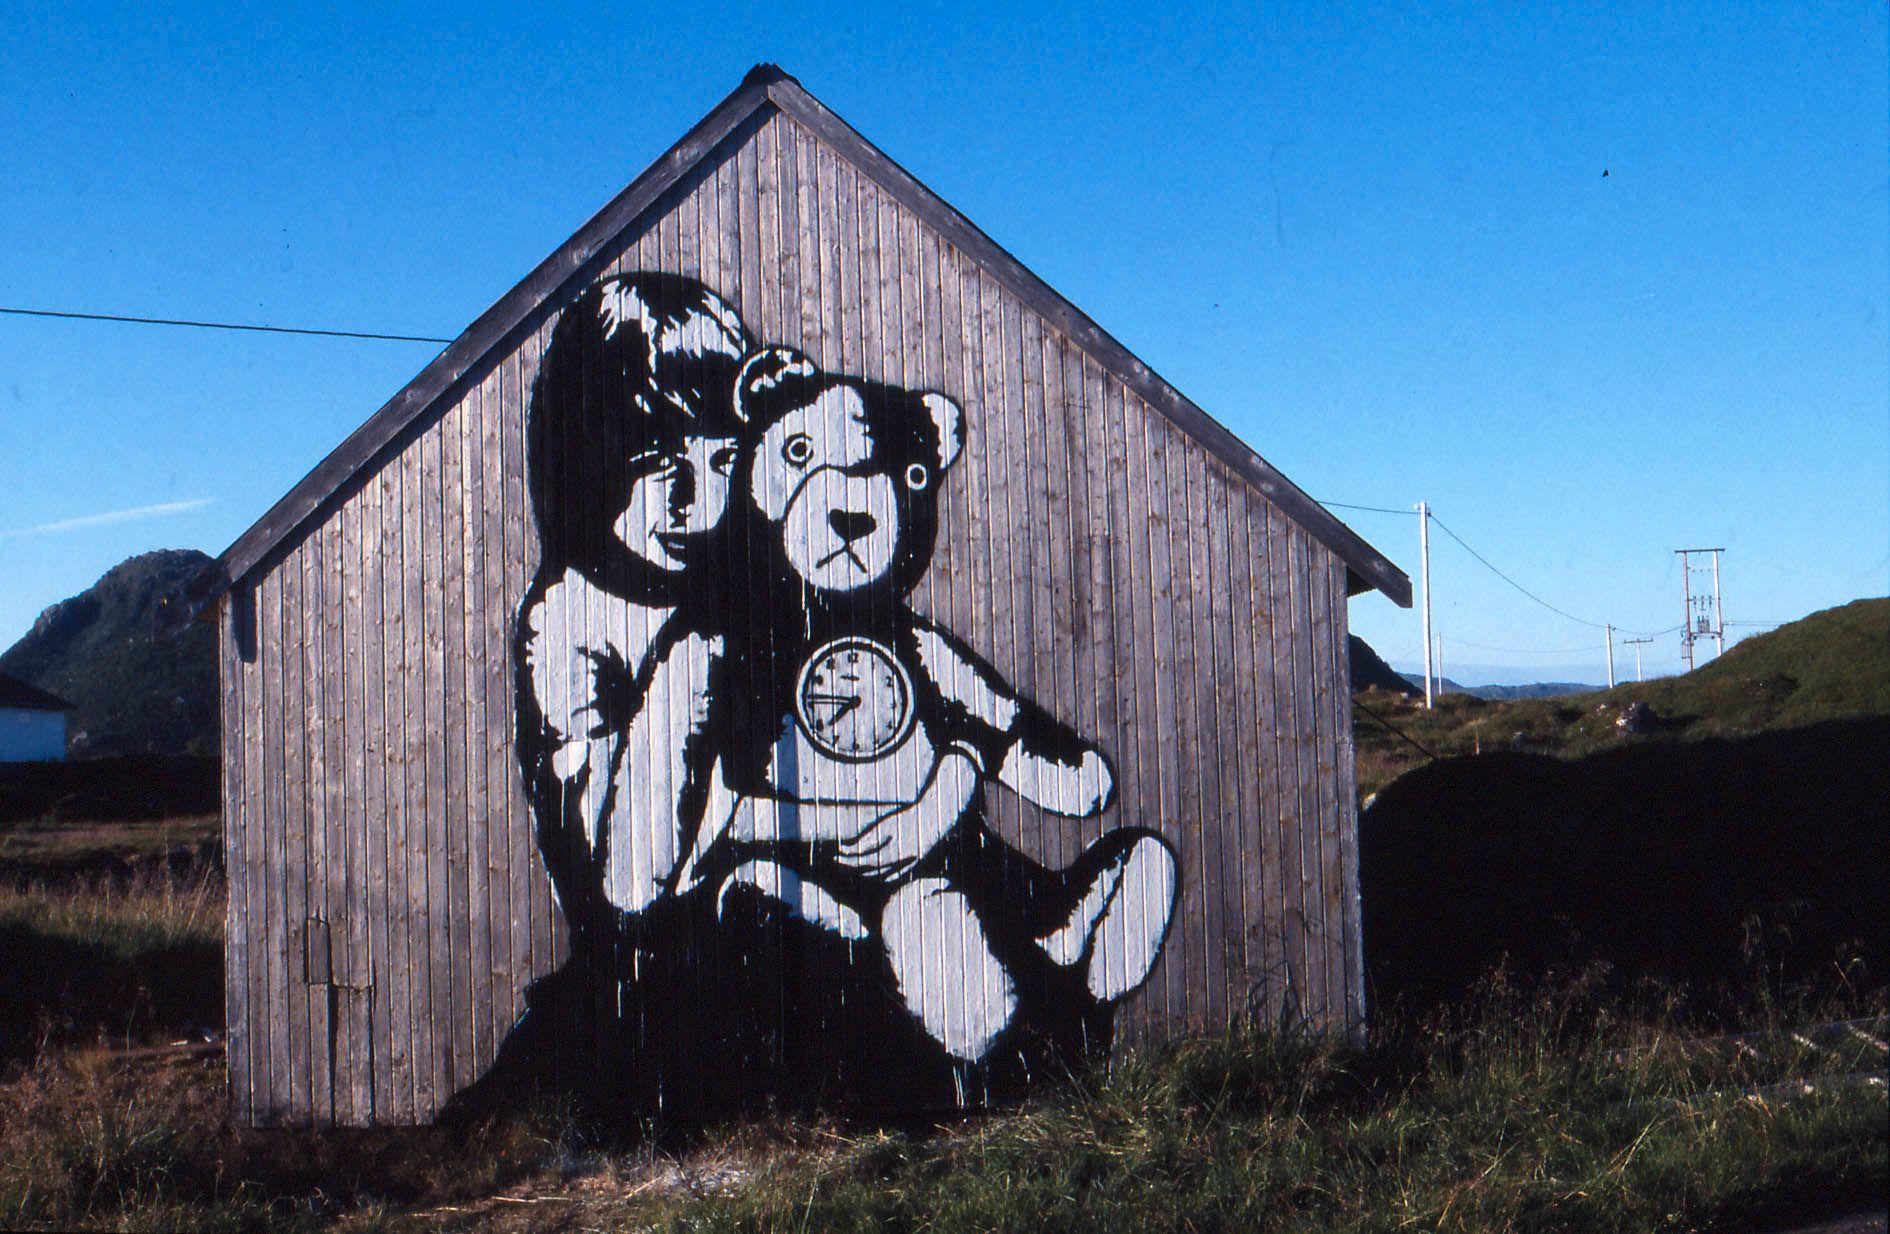 GATEKUNST: Slik ser det ut når Dolk har signert låvevegger i Lofoten.